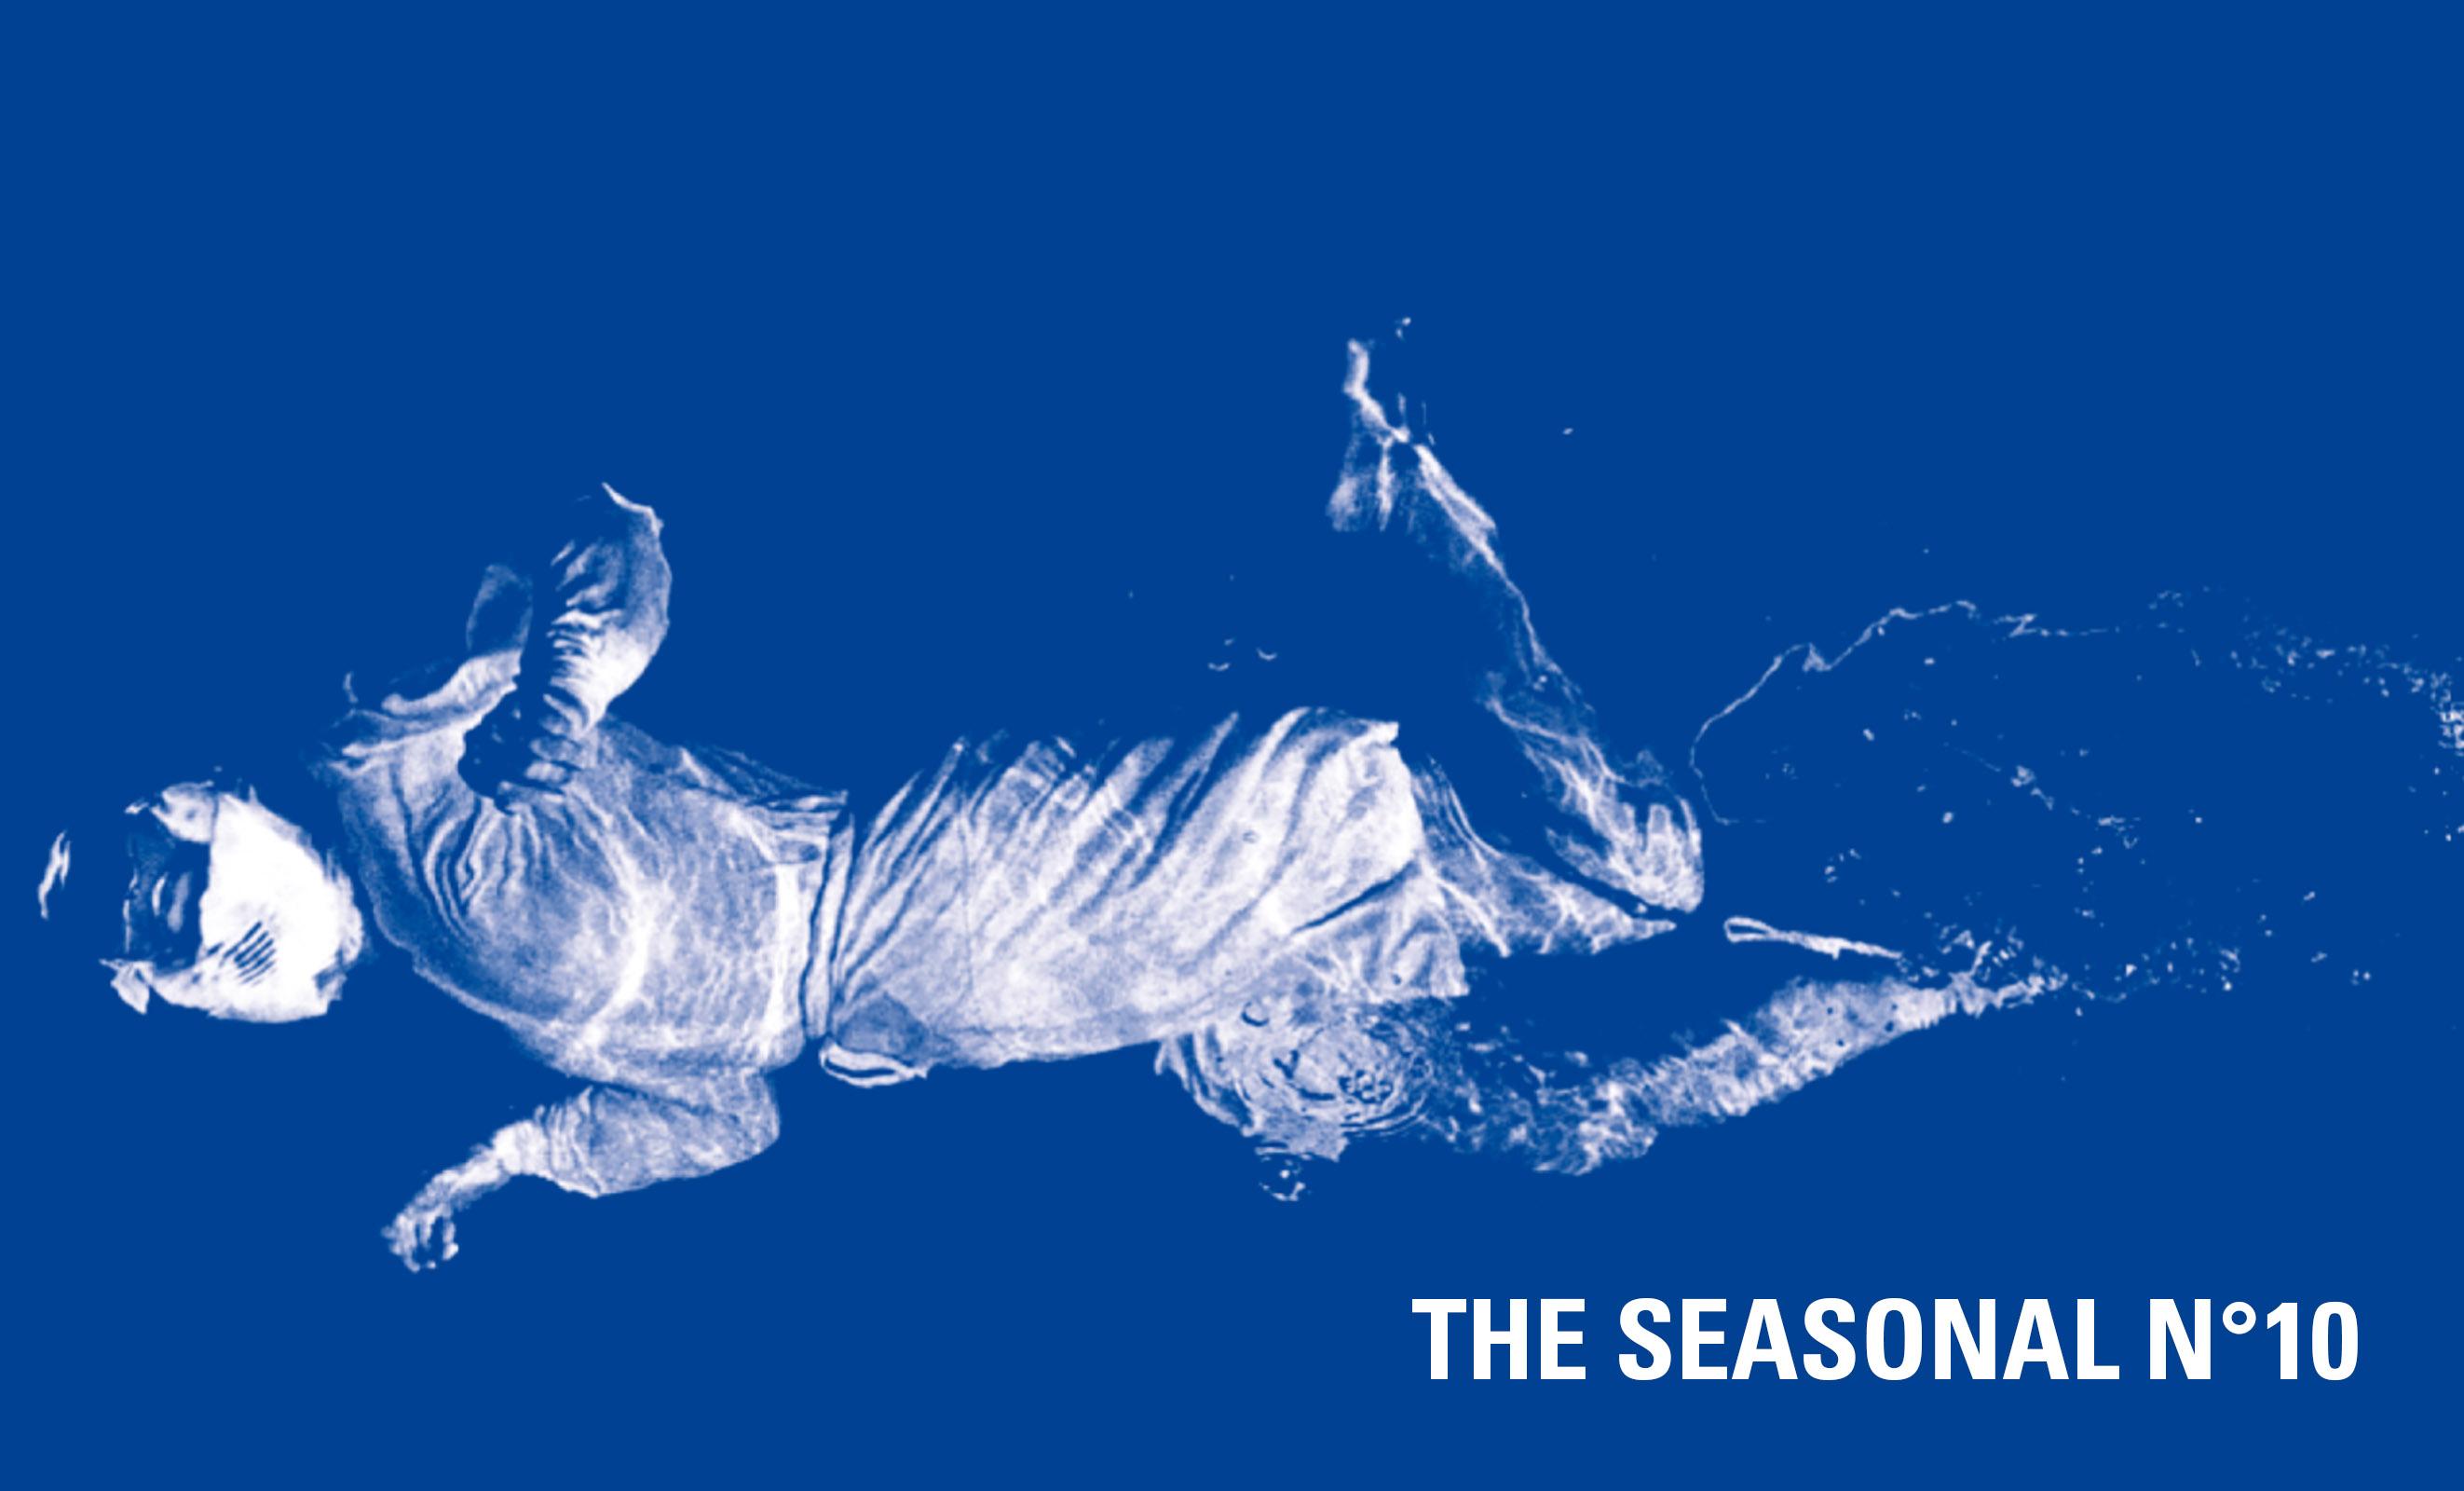 The Seasonal N°10